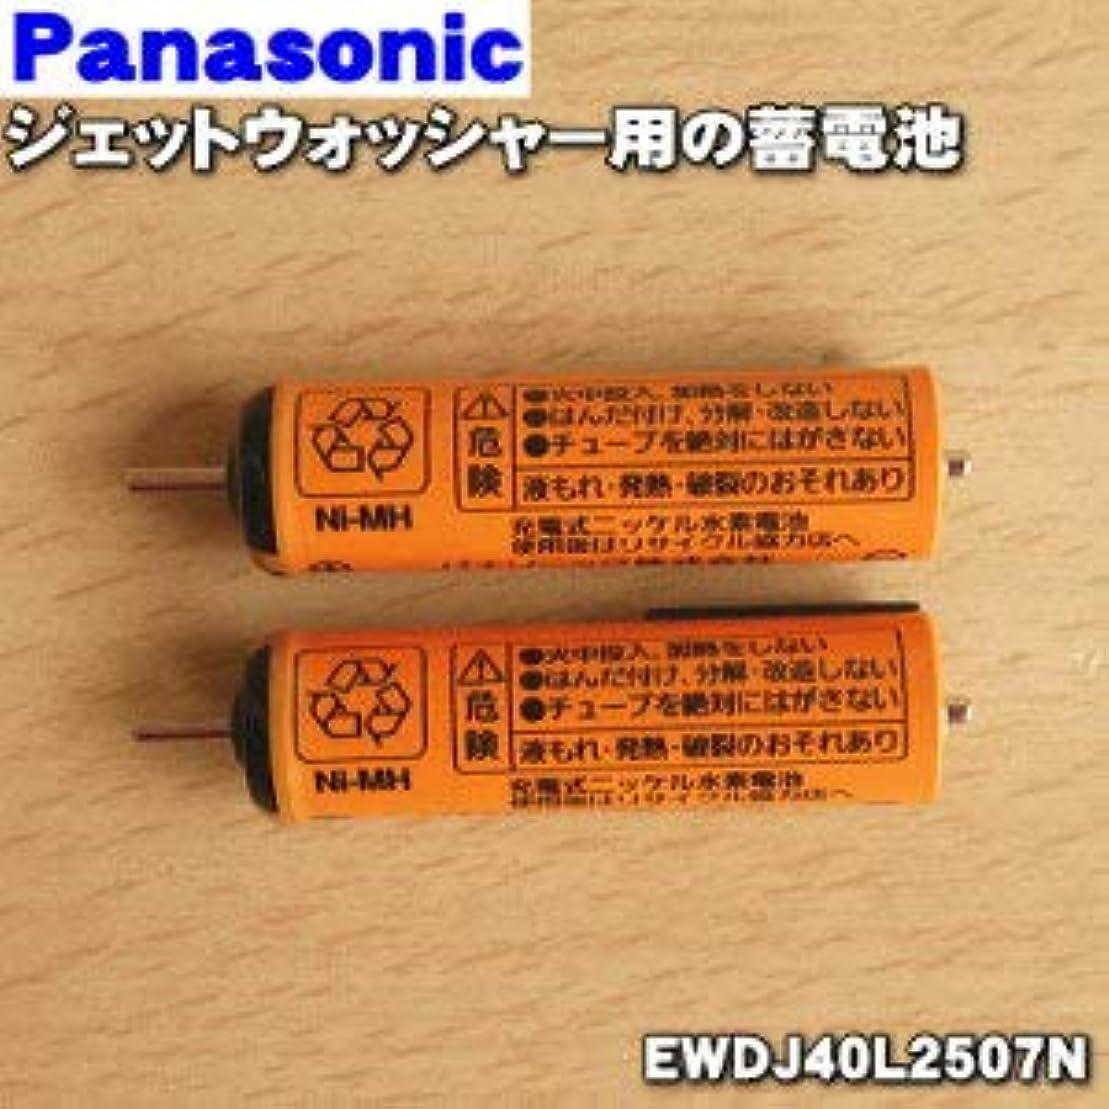 プランテーションホイップ杖パナソニック Panasonic 音波振動ハブラシ Doltz 蓄電池交換用蓄電池 EWDJ40L2507N